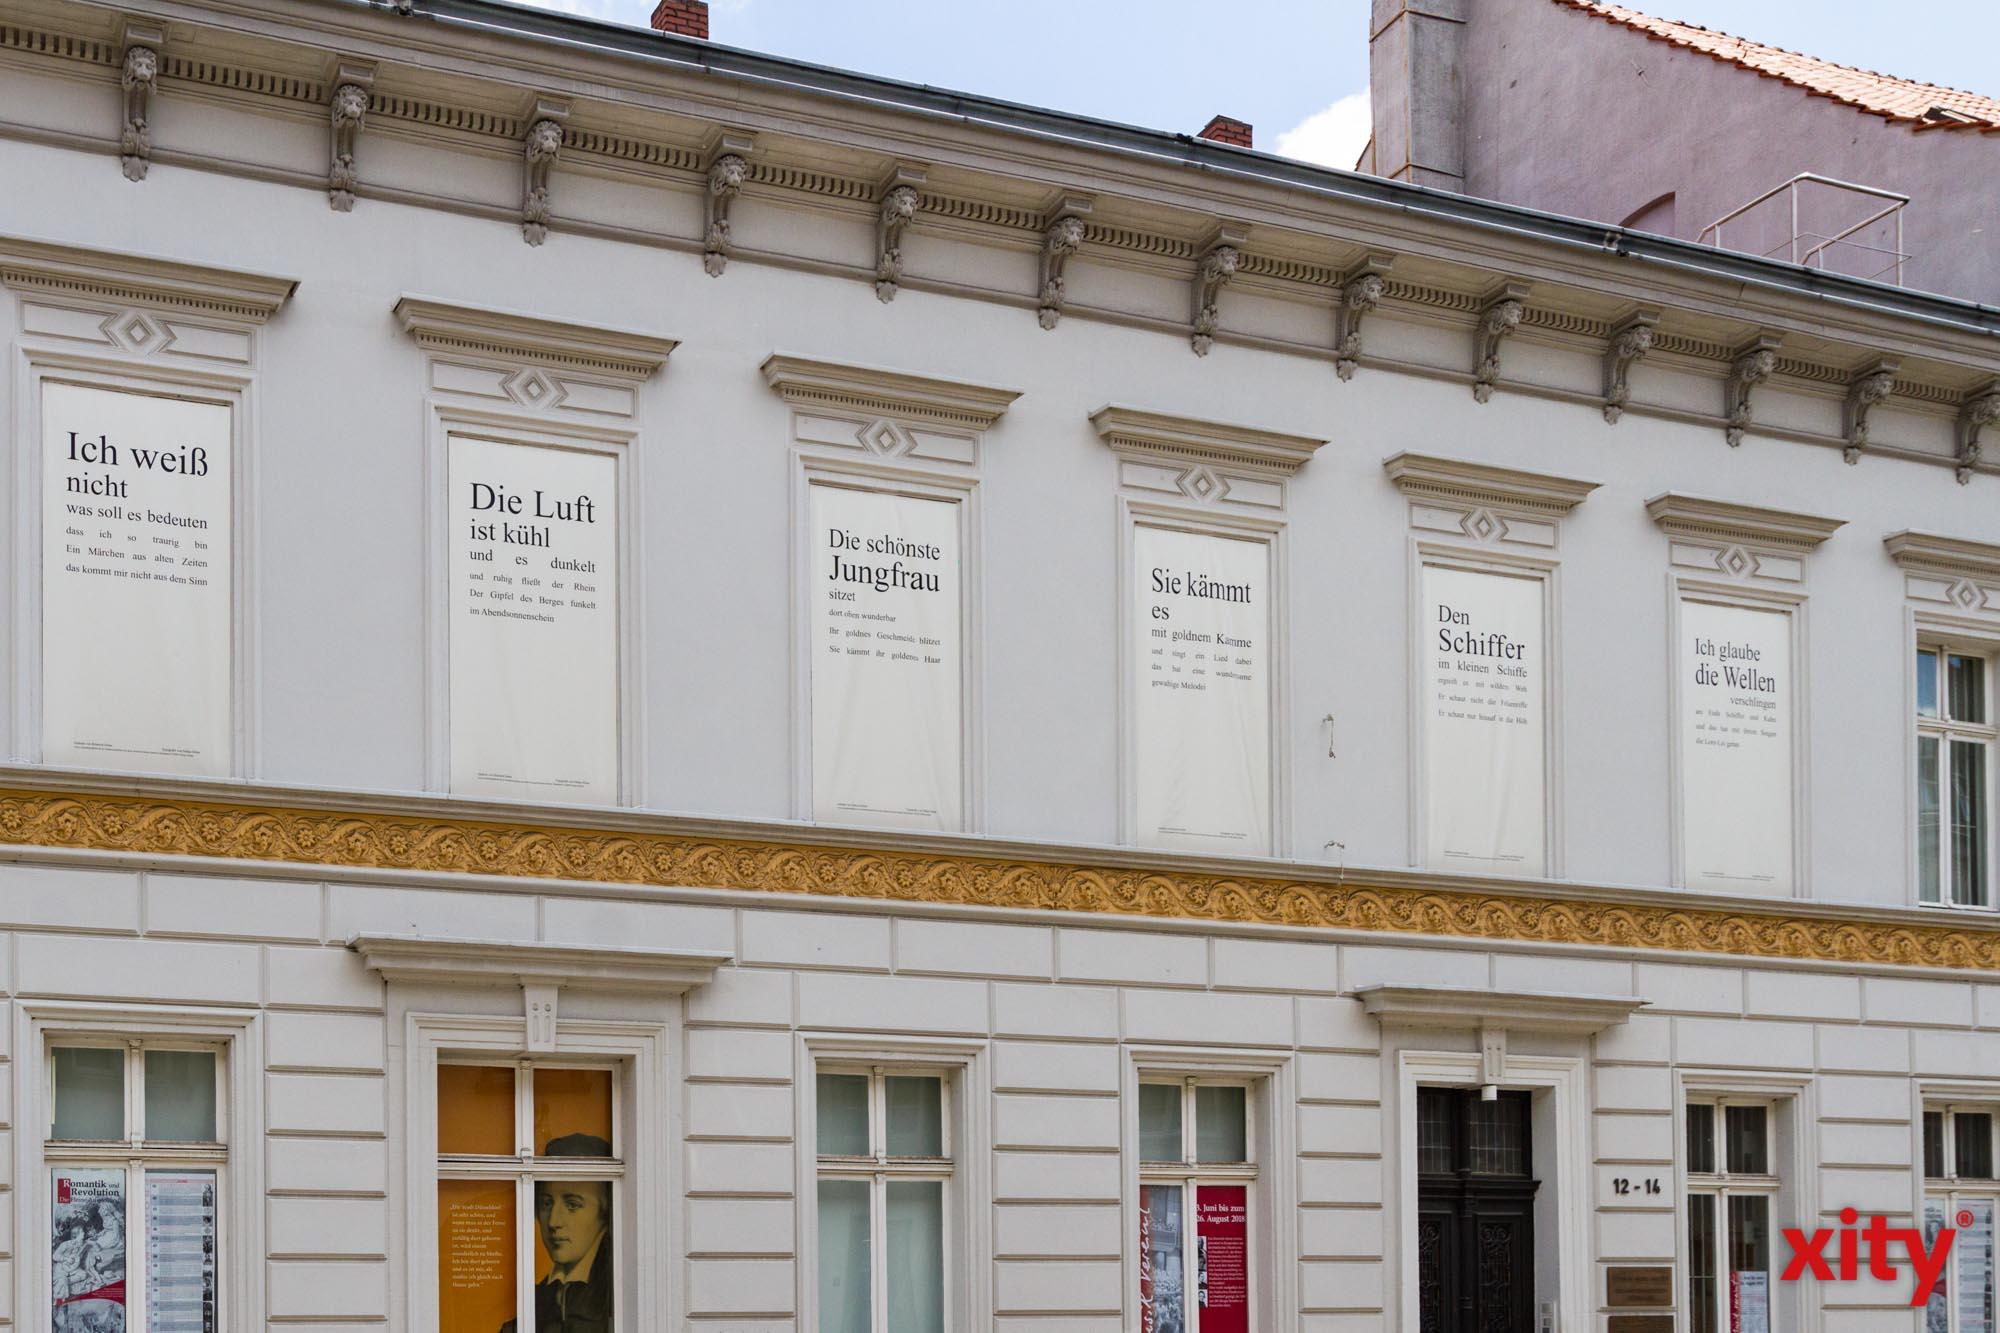 Vortrag und Führung im Heinrich-Heine-Institut Düsseldorf (Foto: xity)